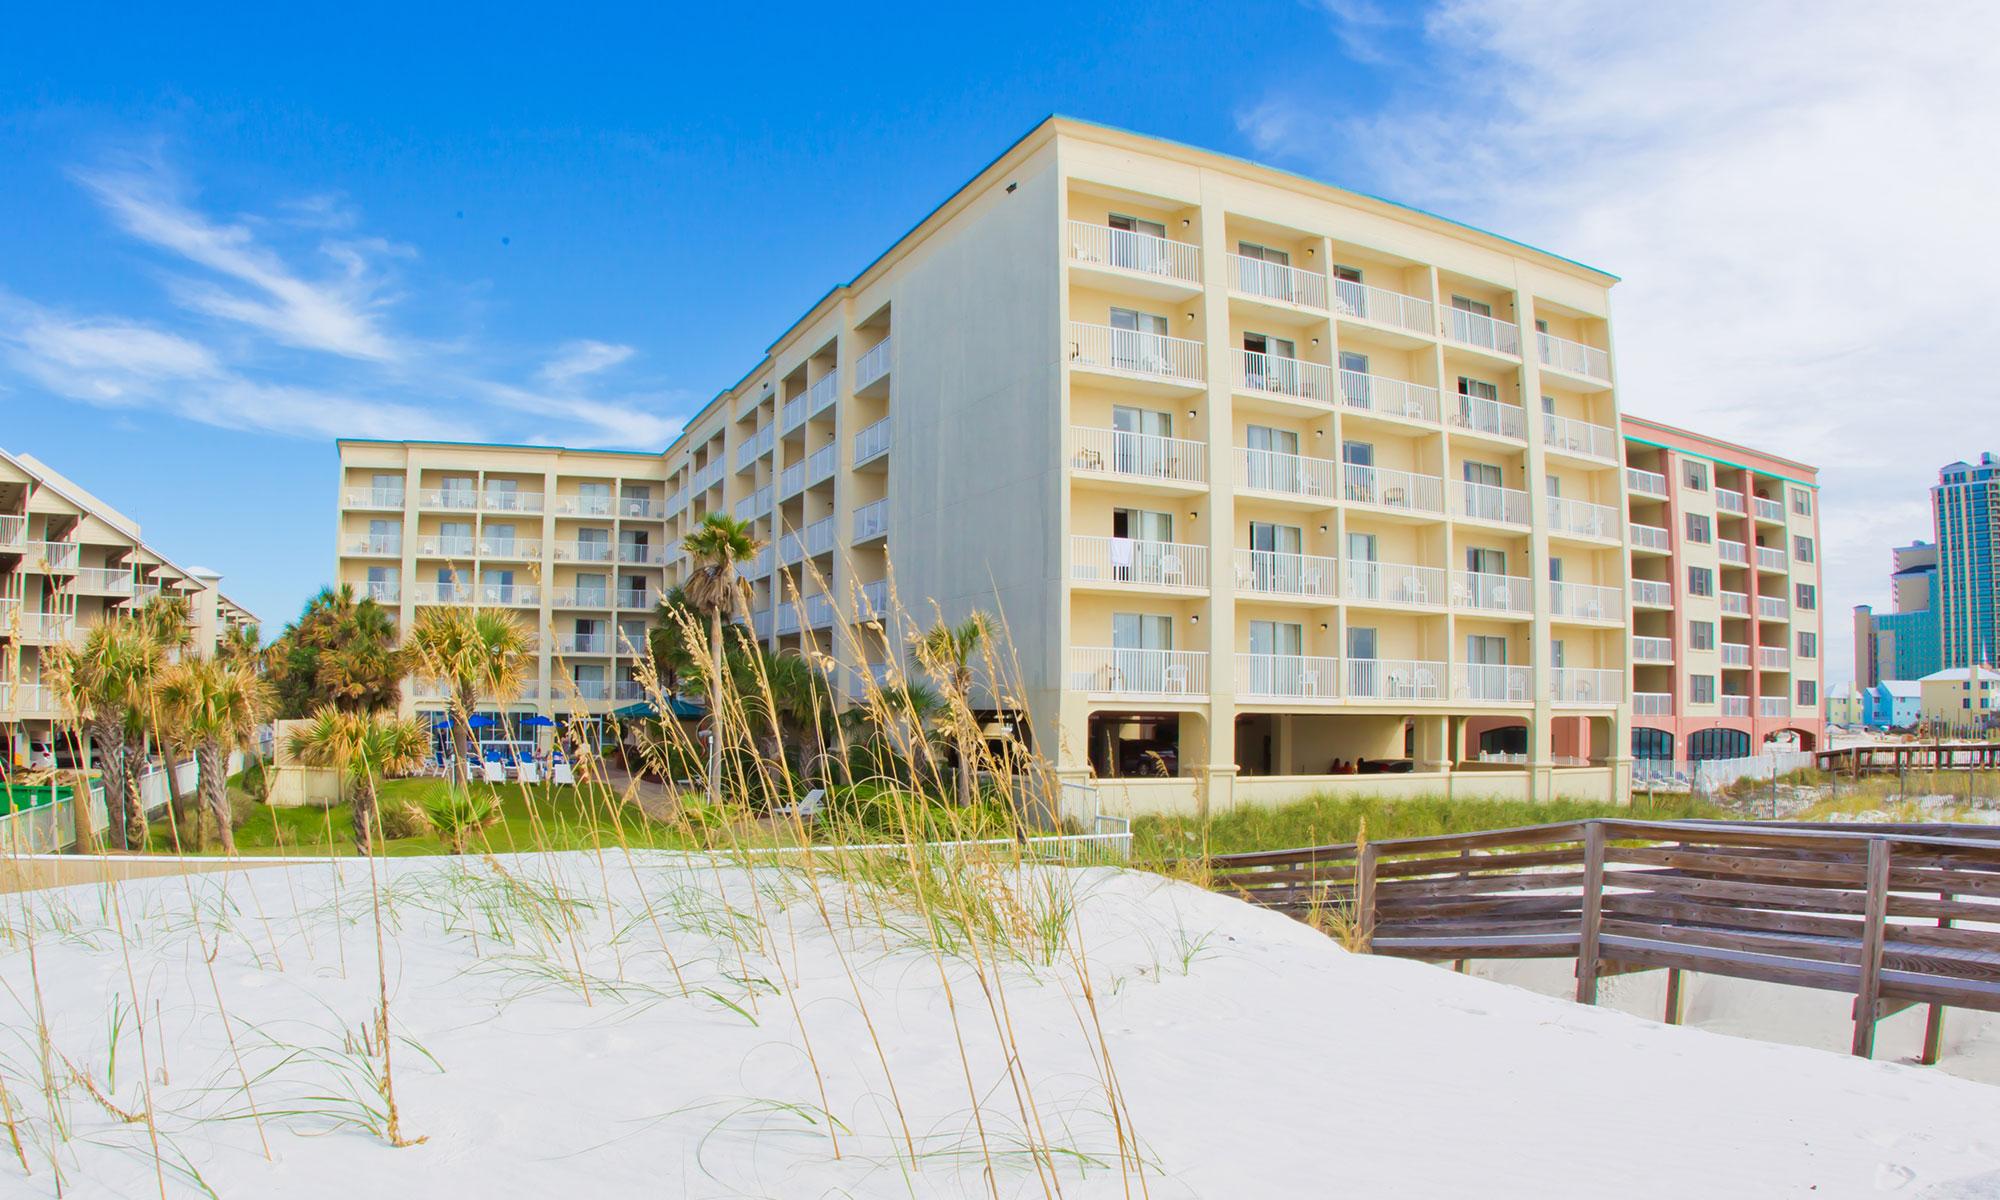 Hilton Garden Inn Orange Beach AL Design